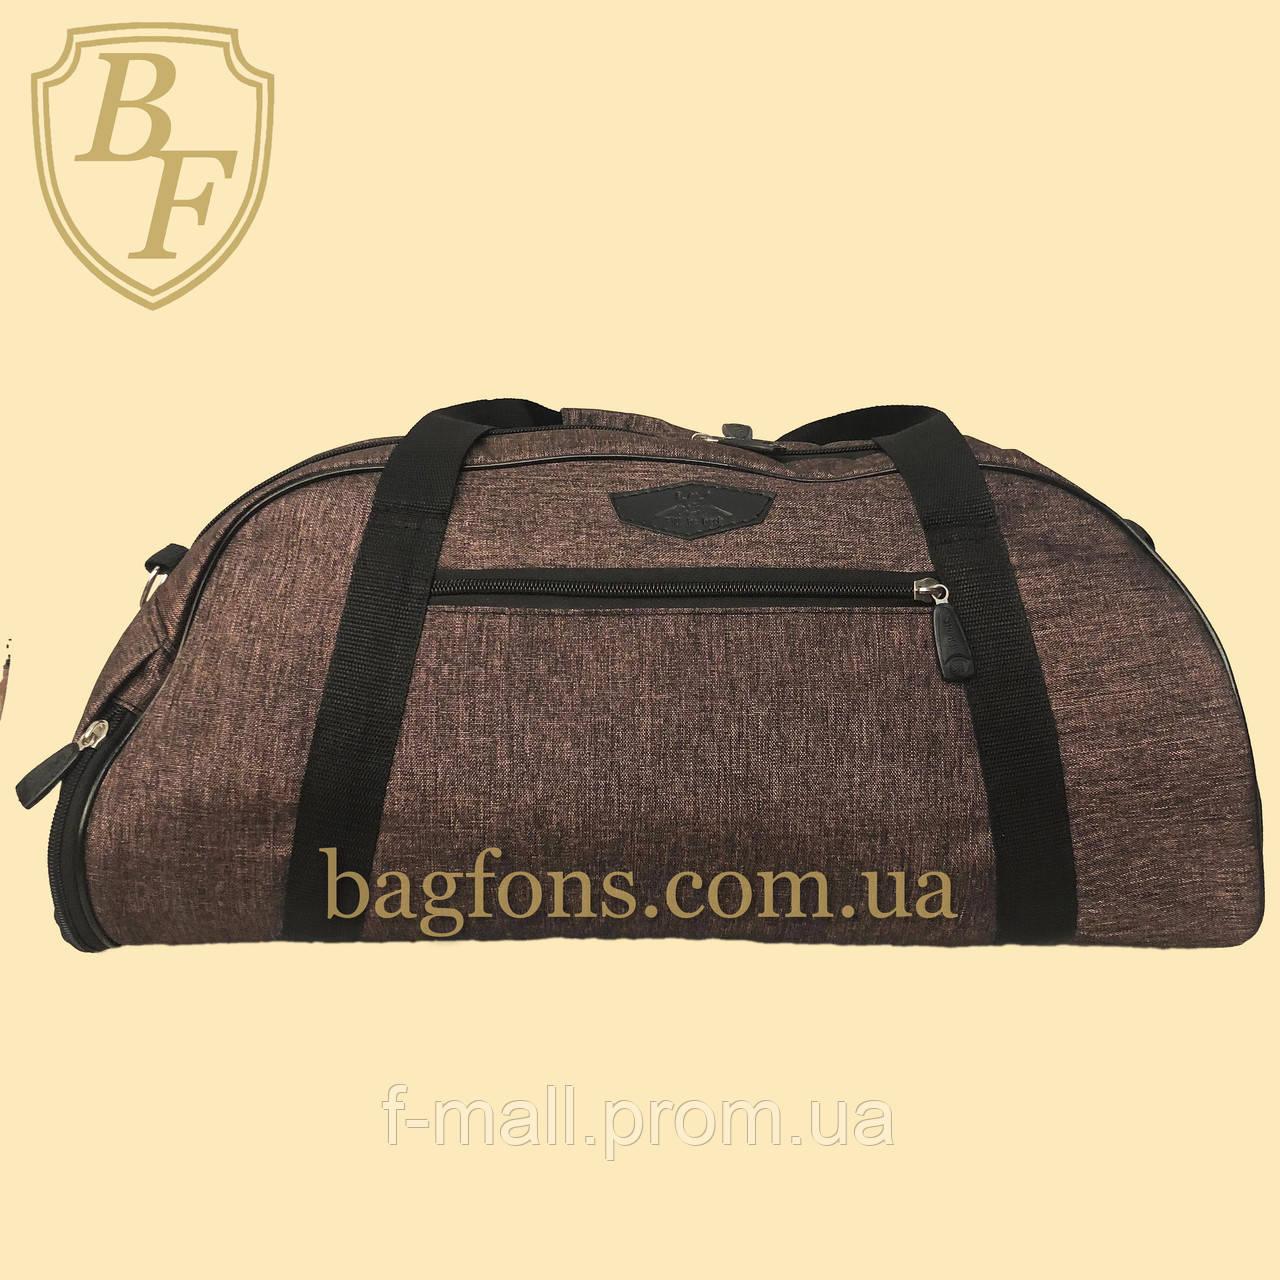 Дорожная спортивная сумка  -35л.